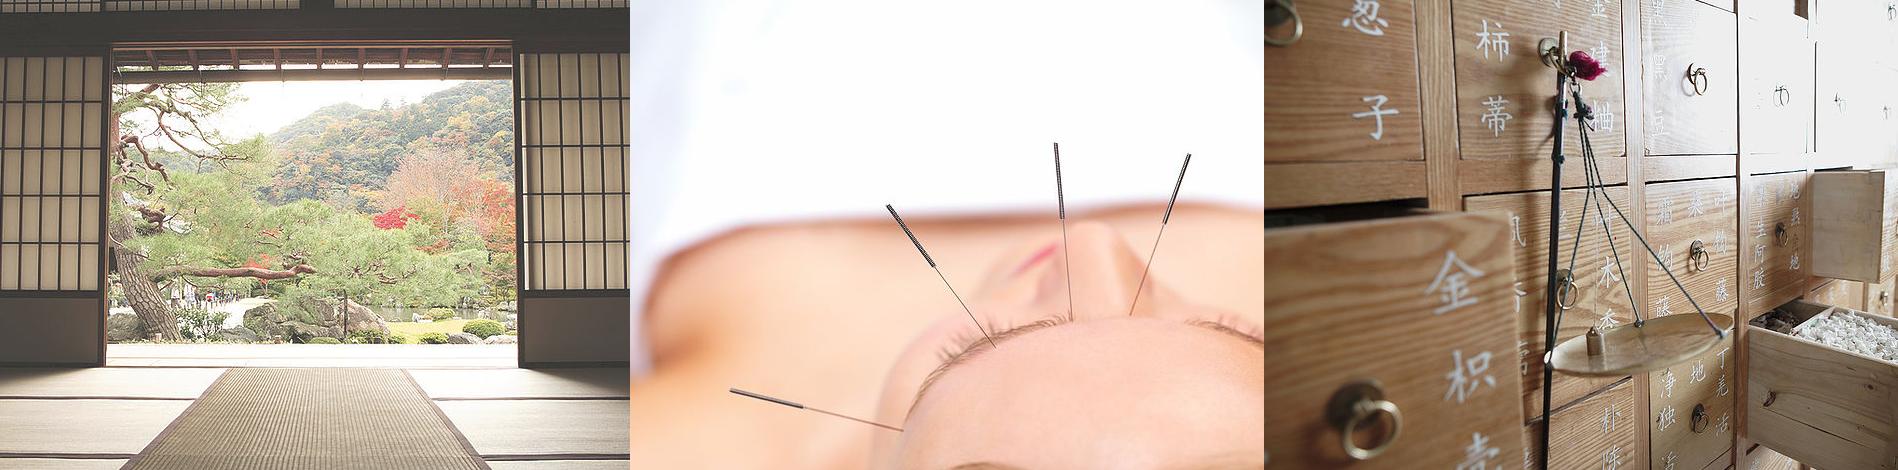 Behandeling voor acupunctuur in Amstelveen